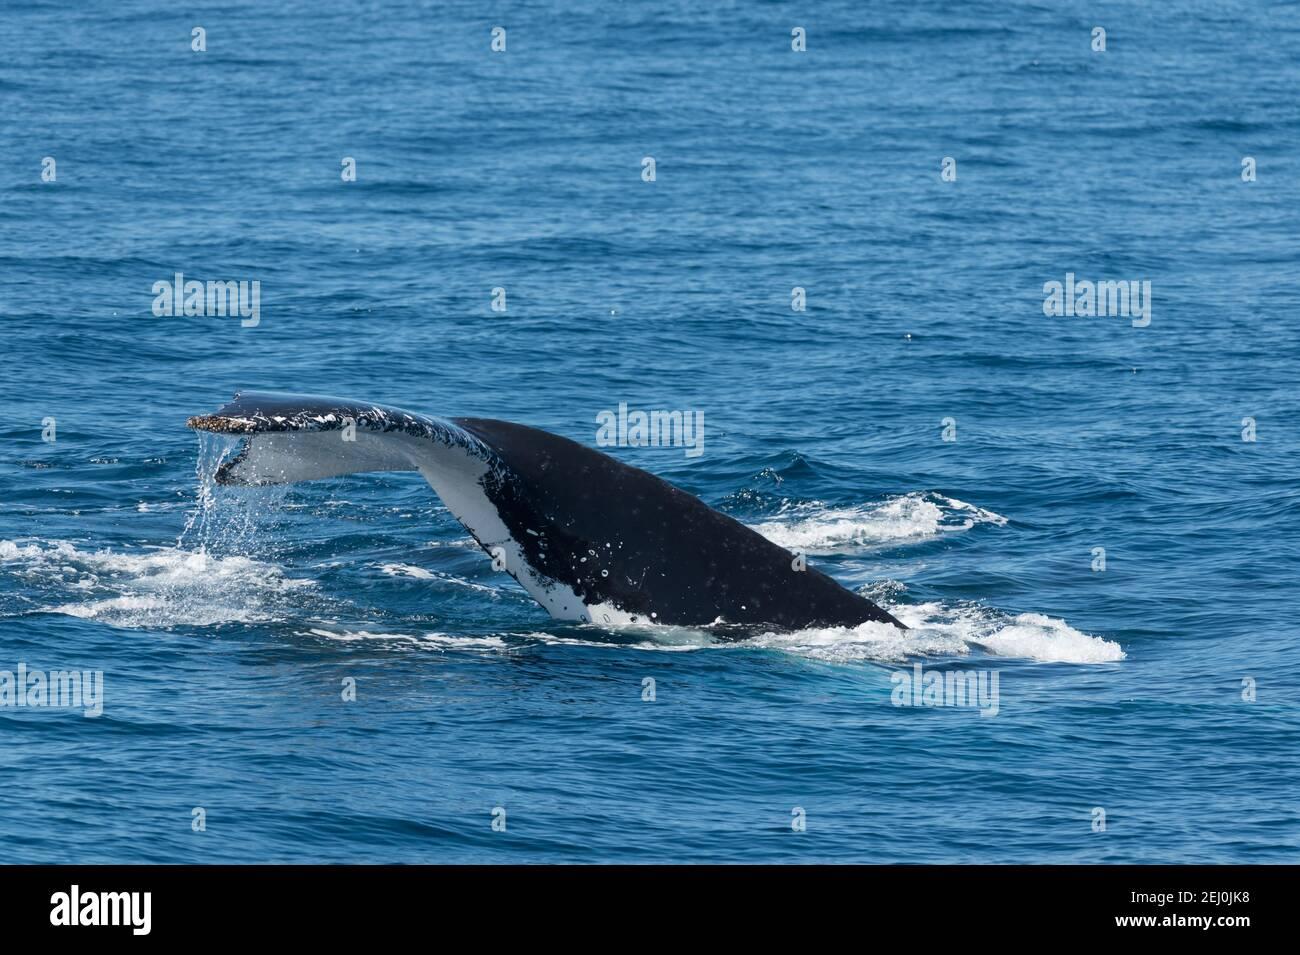 Avvistamento di balene megattere, Merimbula Bay, nuovo Galles del Sud, Australia. Foto Stock